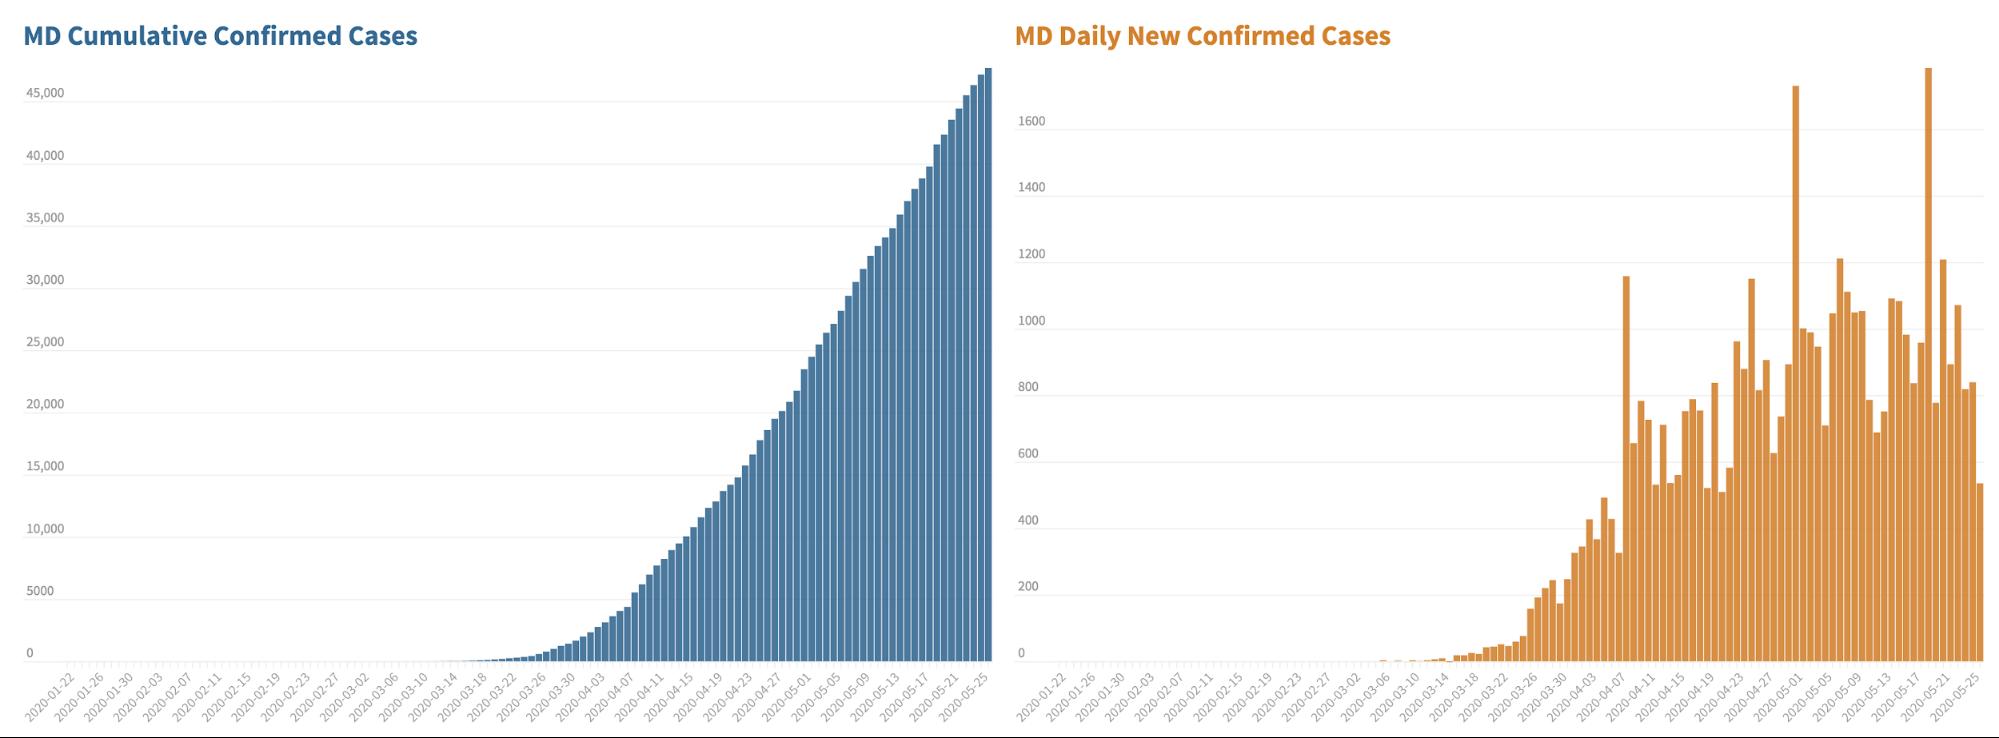 MD_cases_cumulative_vs_daily